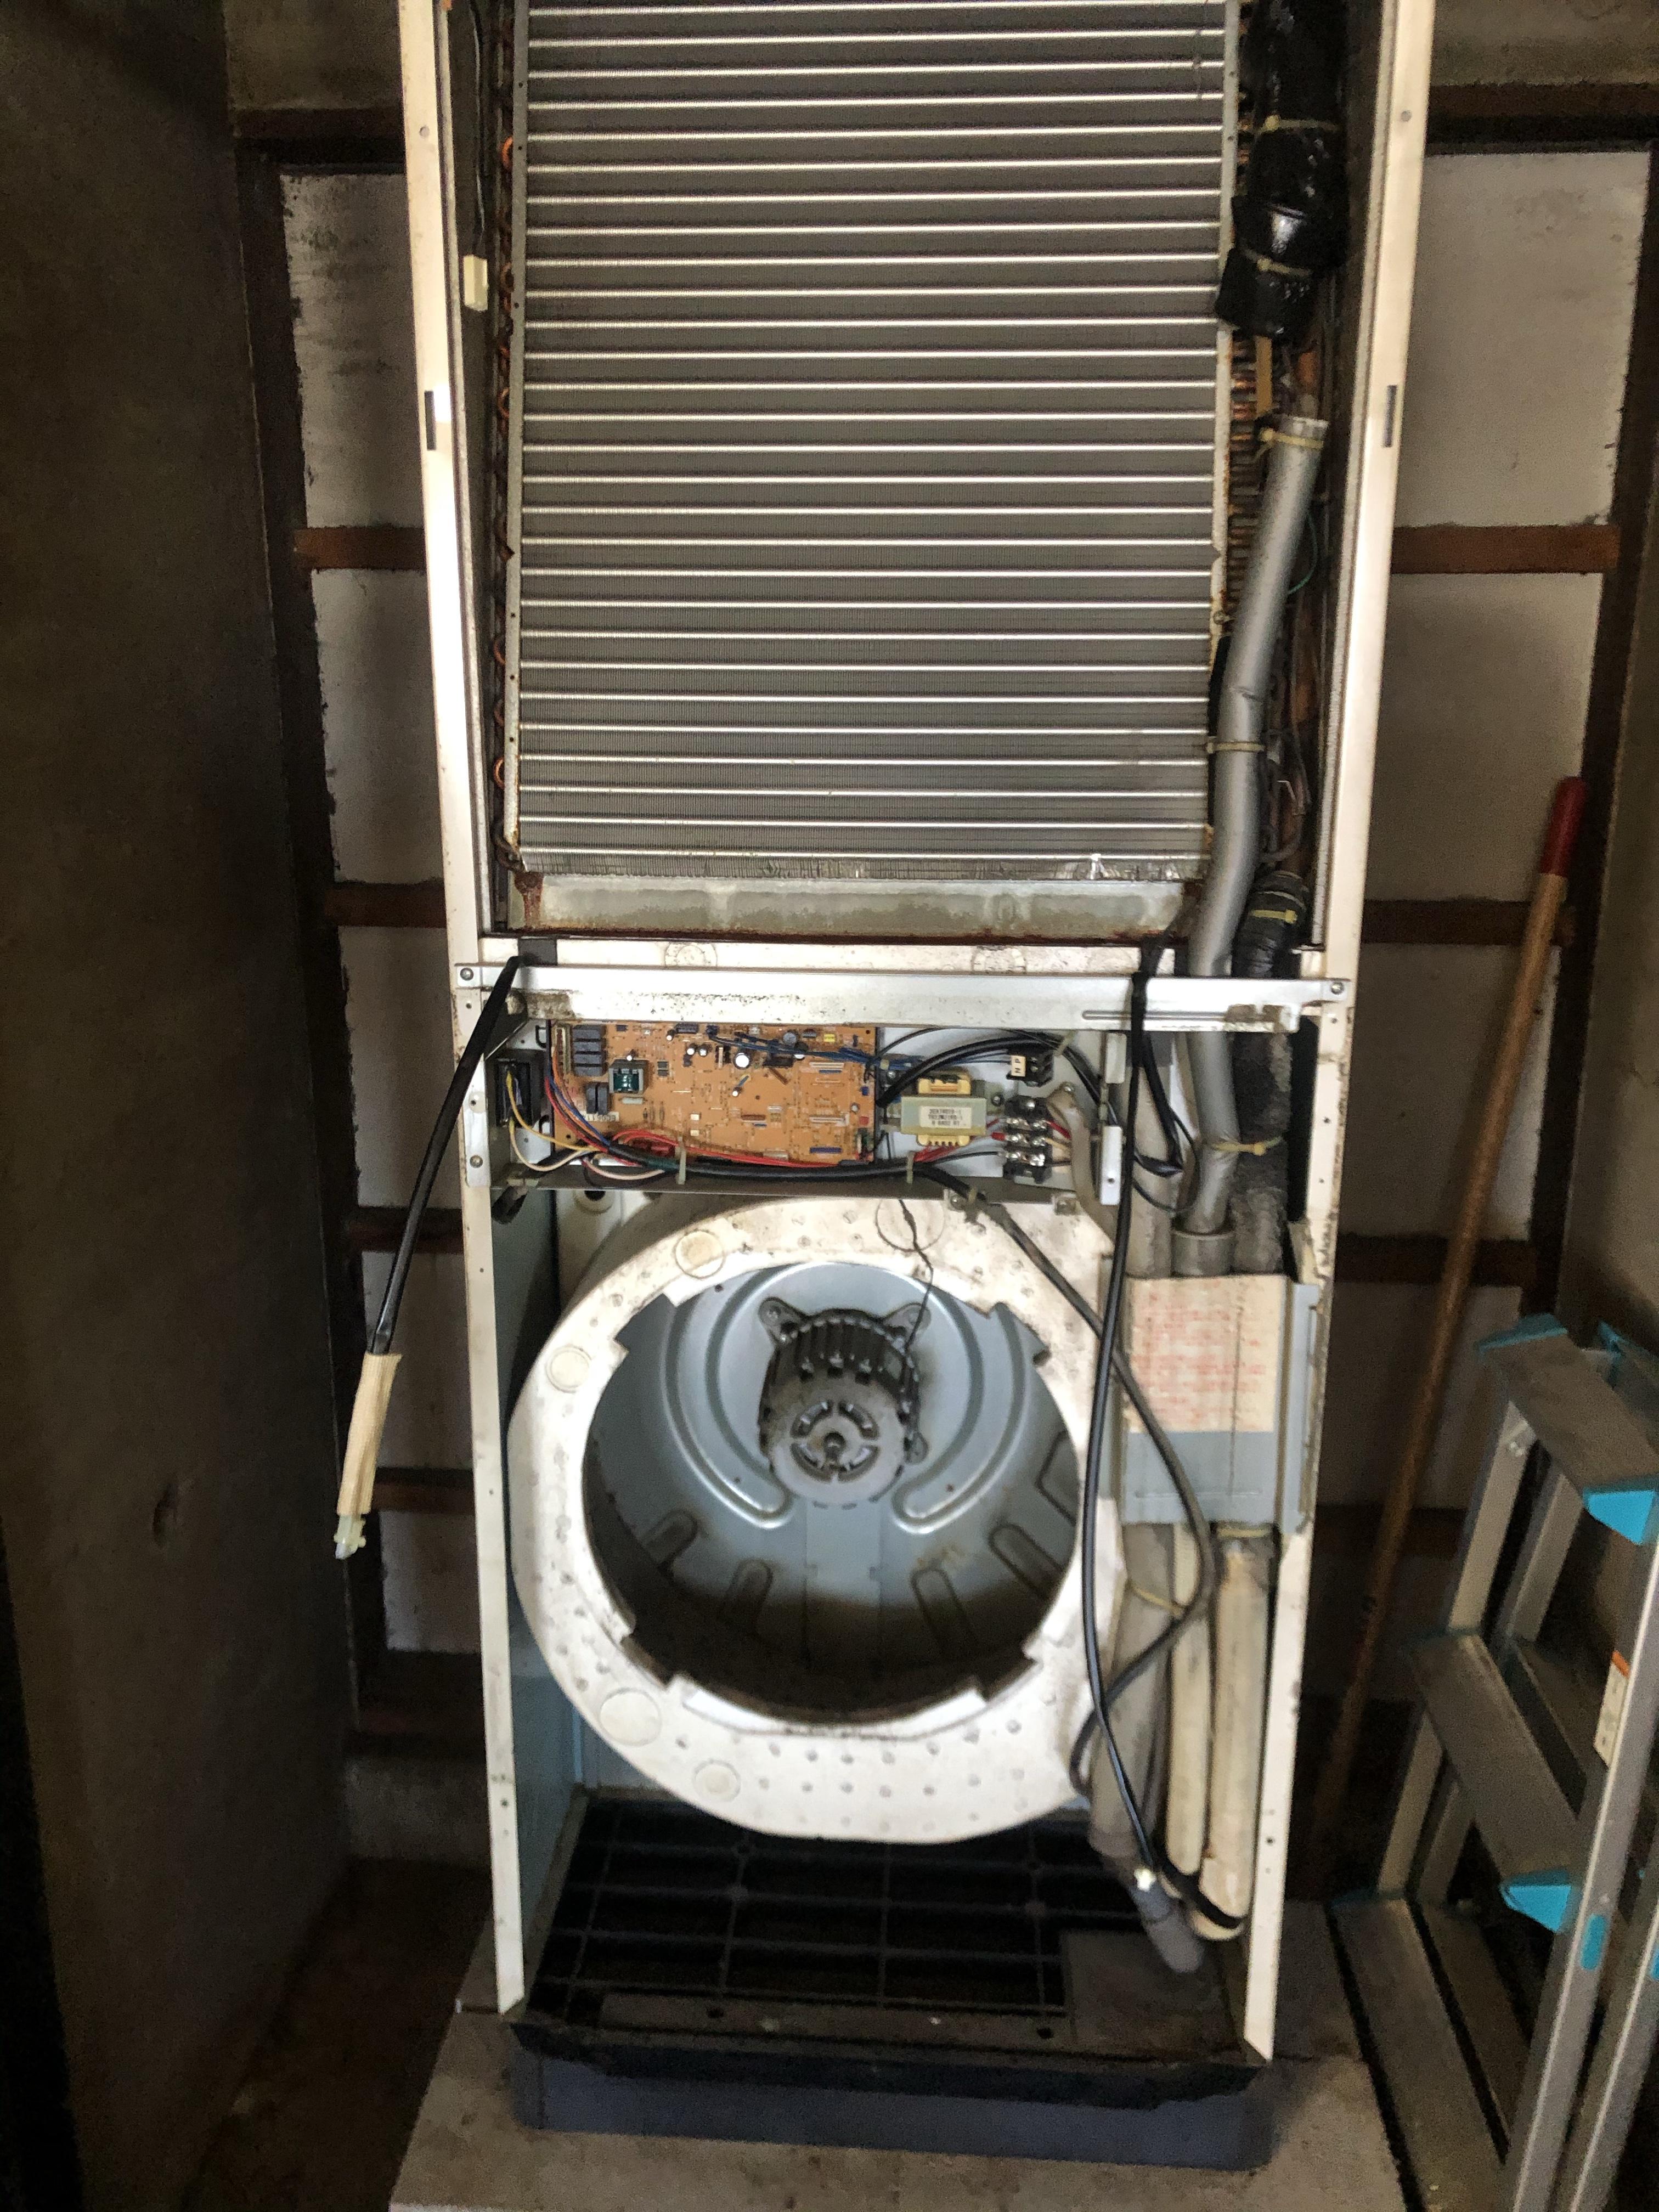 佐賀市Kラーメン屋さん置き型業務用エアコン洗浄